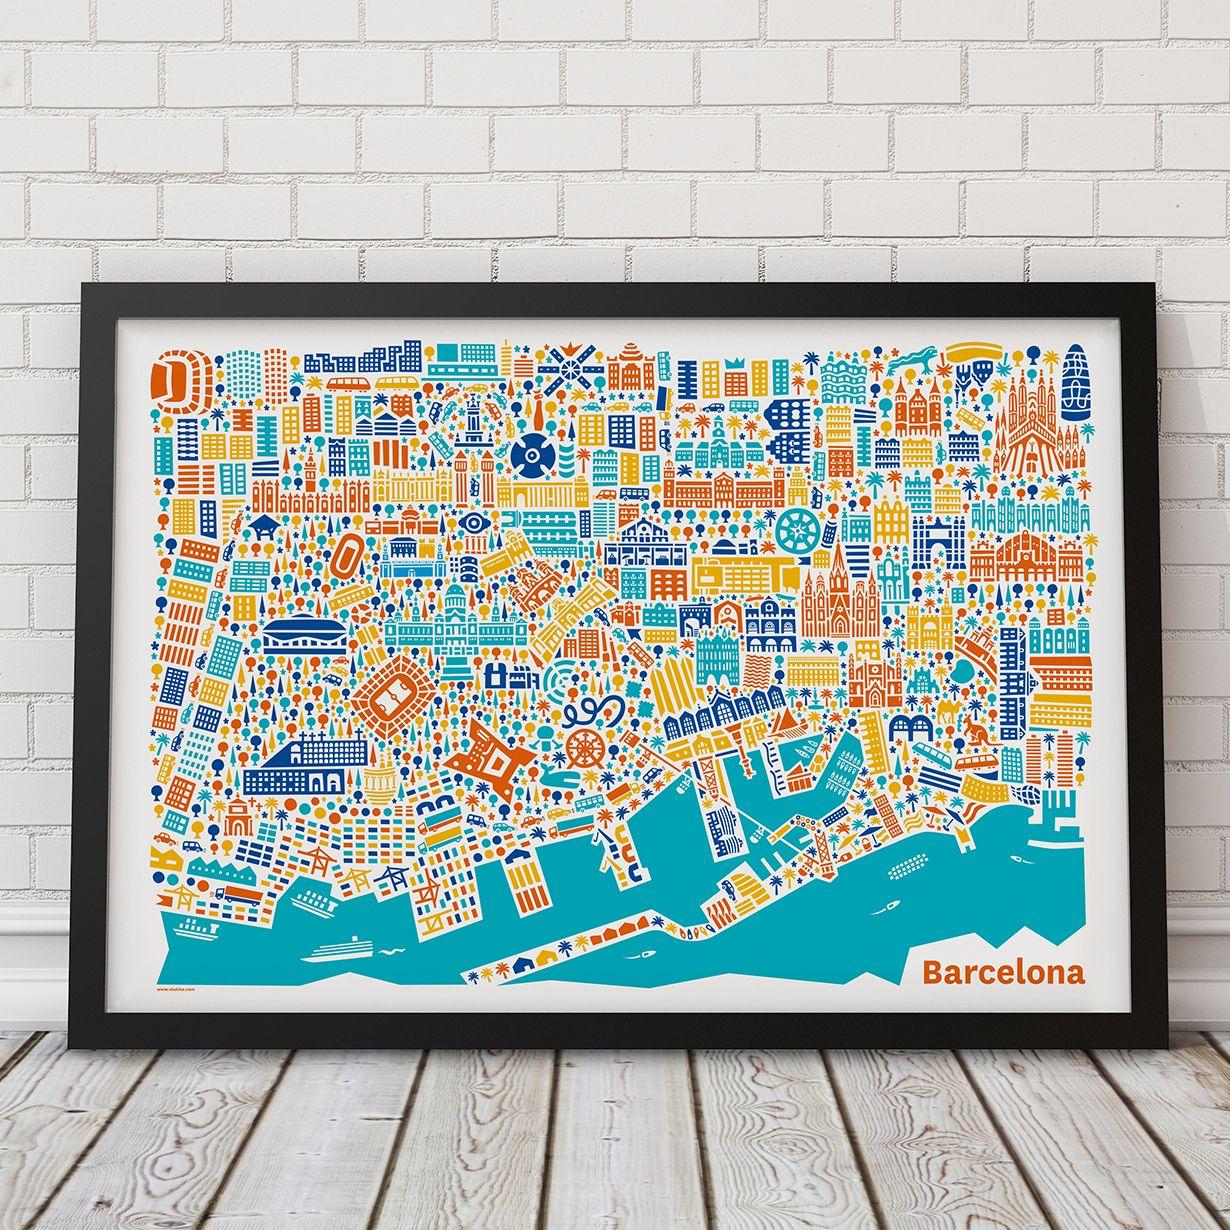 La mappa illustrata di Barcellona